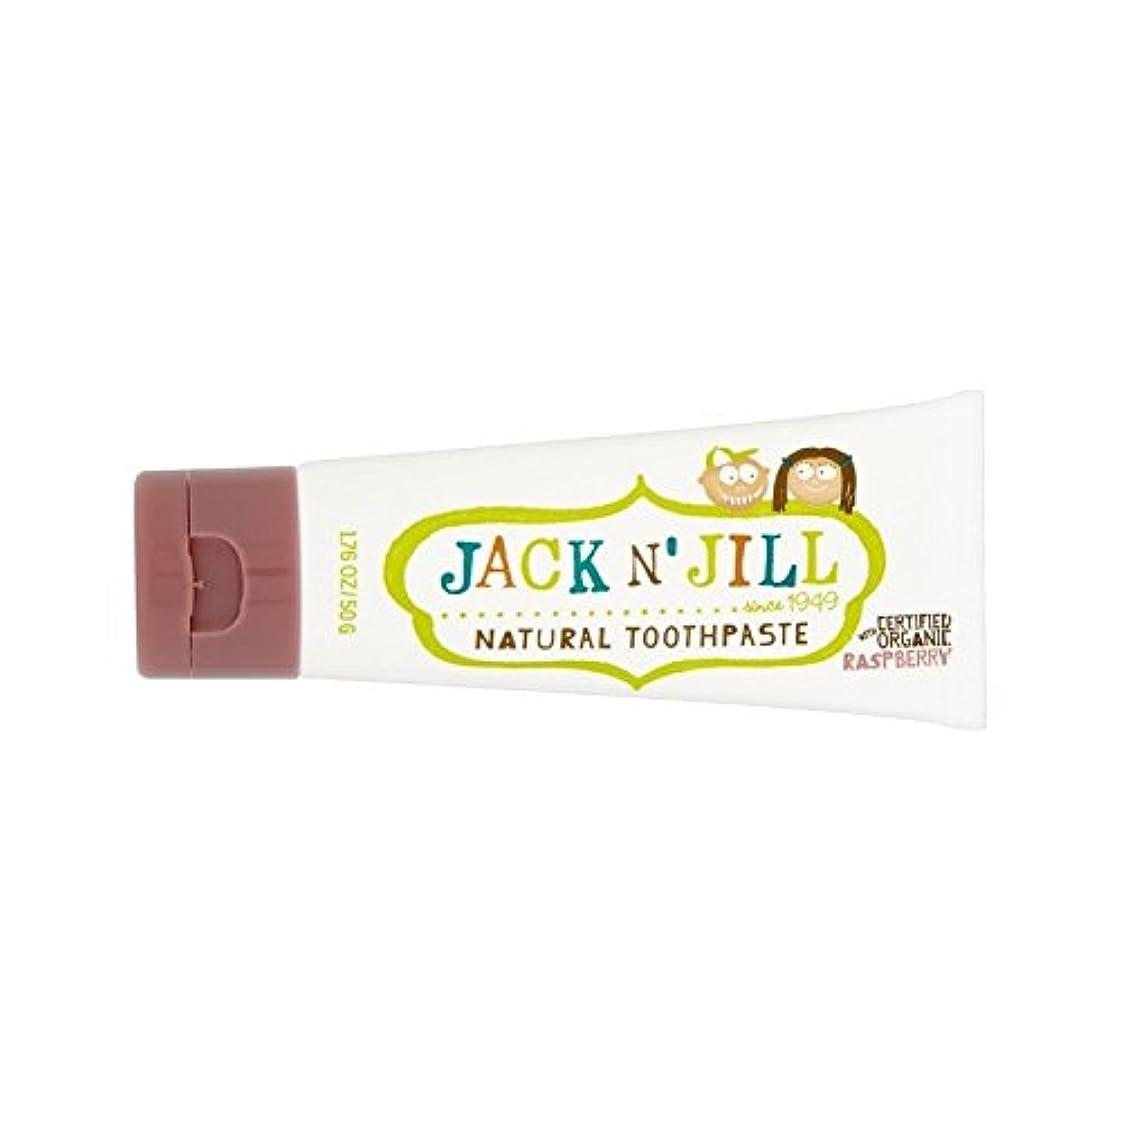 安息赤面モーター有機香味50グラム天然ラズベリー歯磨き粉 (Jack N Jill) (x 6) - Jack N' Jill Raspberry Toothpaste Natural with Organic Flavouring 50g...